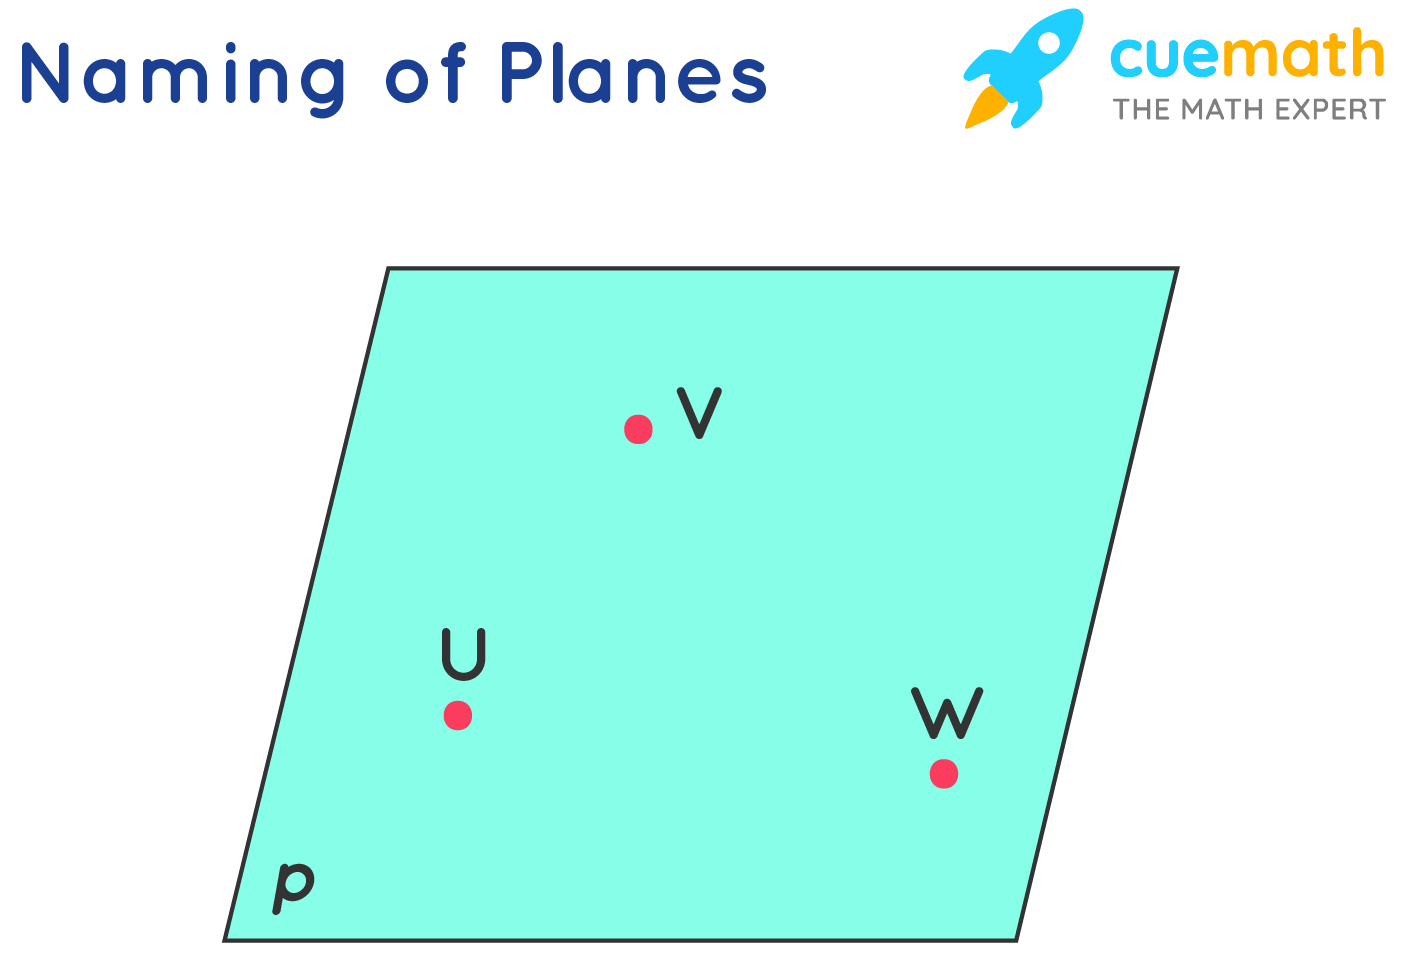 Naming of Planes